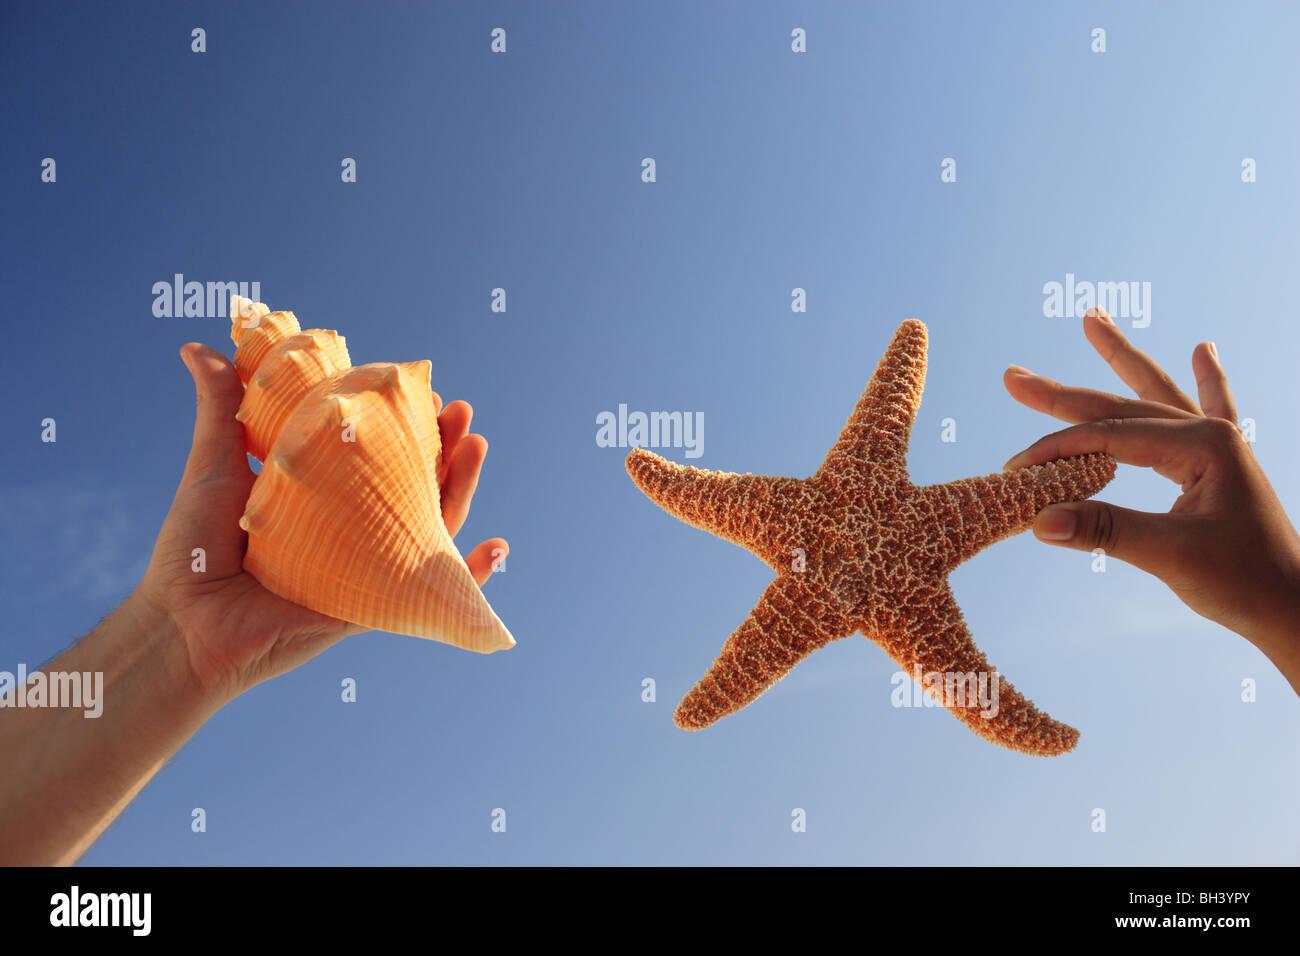 Ein Mann und eine Frau die Hand hält einen Seestern und einer Muschel gegen einen blauen wolkenlosen Sommerhimmel Stockbild